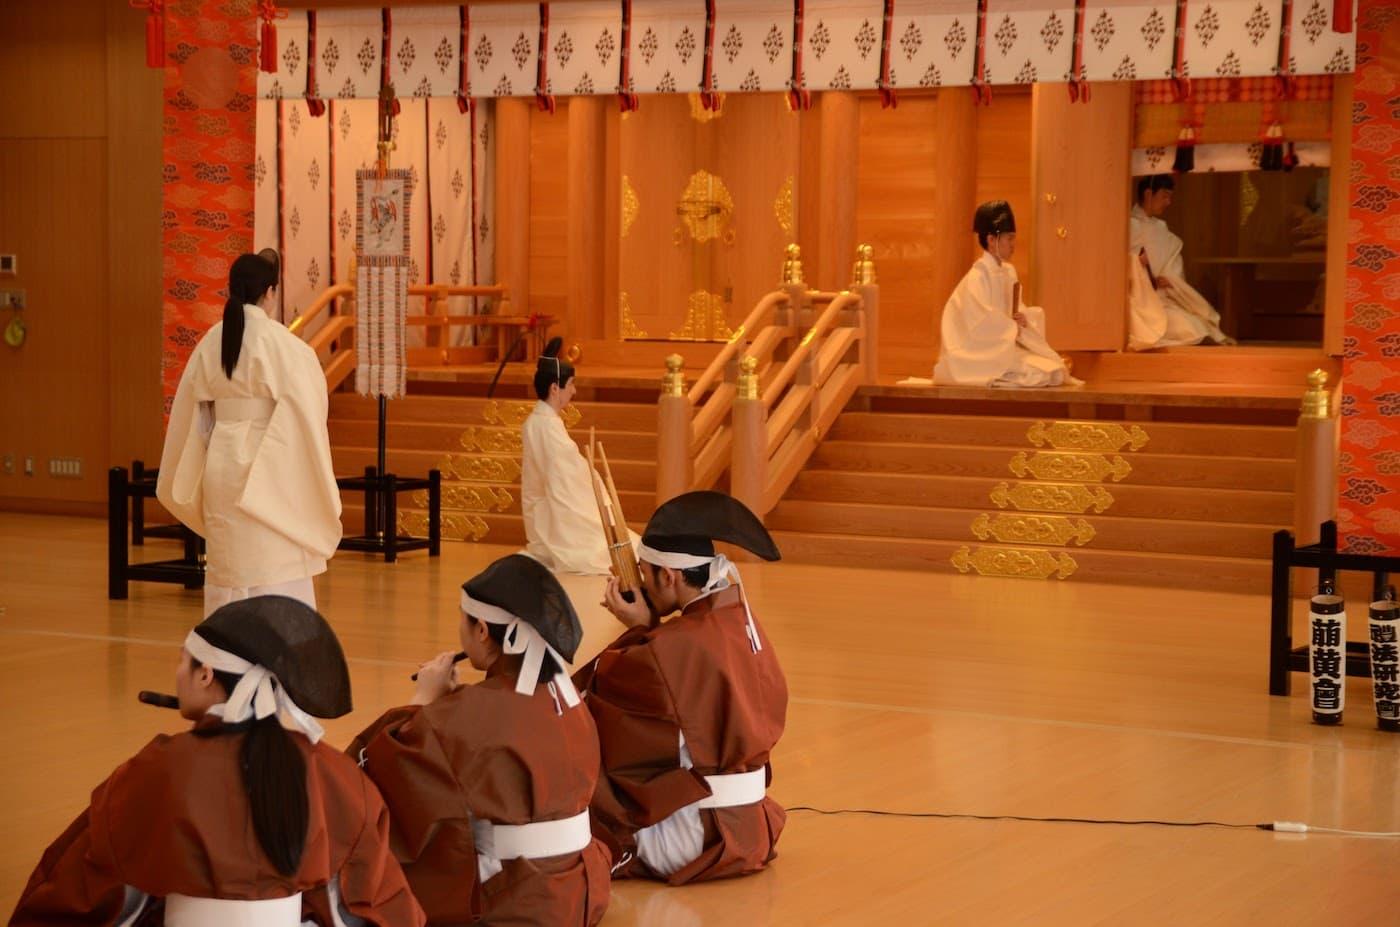 「あの神社で働きたい!」あなたでも神主さんになれる方法都道府県から神社お寺を探す